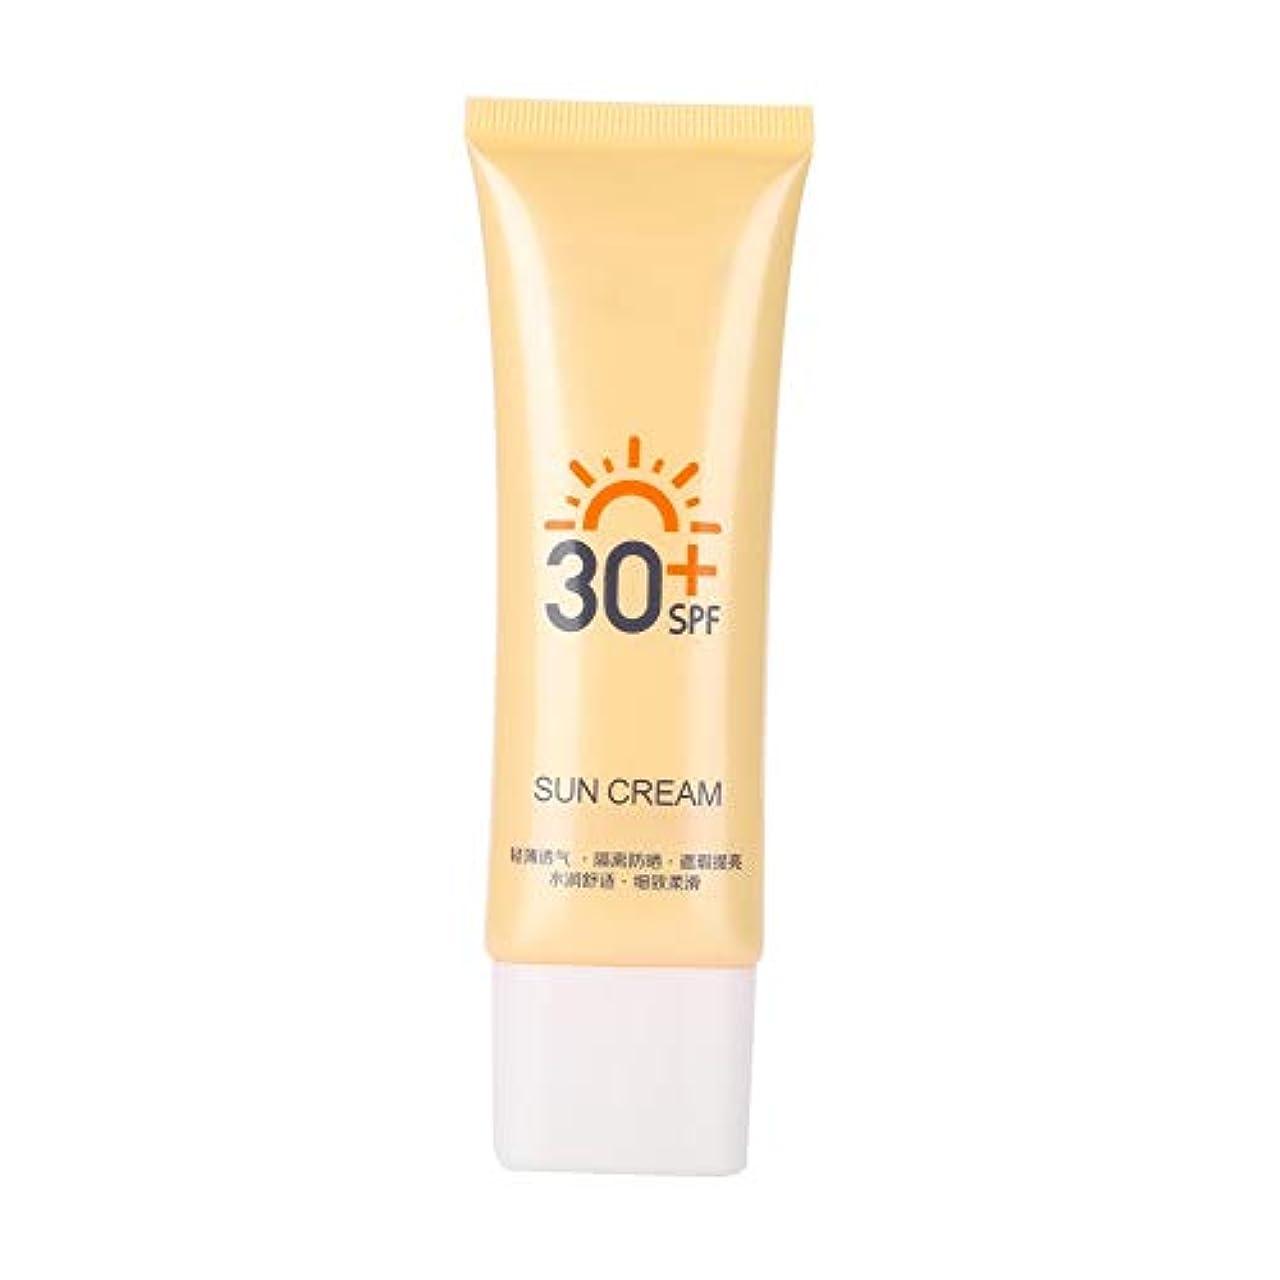 貝殻キルス午後日焼け止め、日焼け止め、日焼け止めを白くする、保湿日焼け止めをする、さわやかで潤いを与える保湿日焼け止めを塗る、撥水および汗止め、分離40g